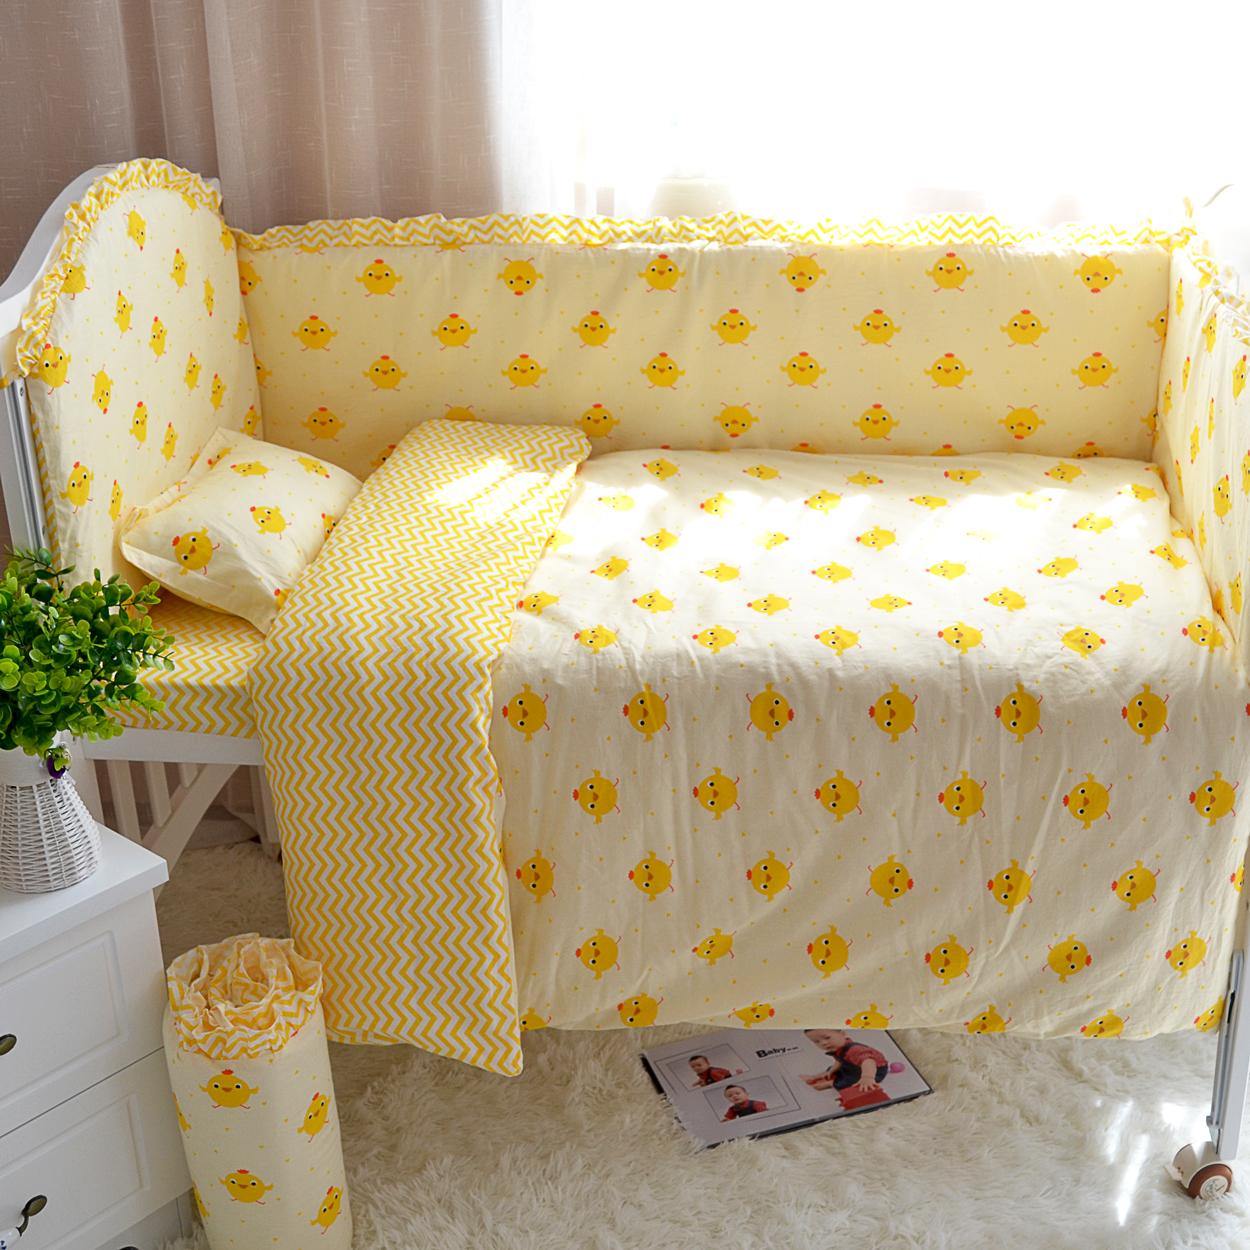 Ins нордический ветер хлопок новорожденный ребенок детская кроватка использование статья кровать вокруг одеяло лист три и четыре много штук комплект сделанный на заказ